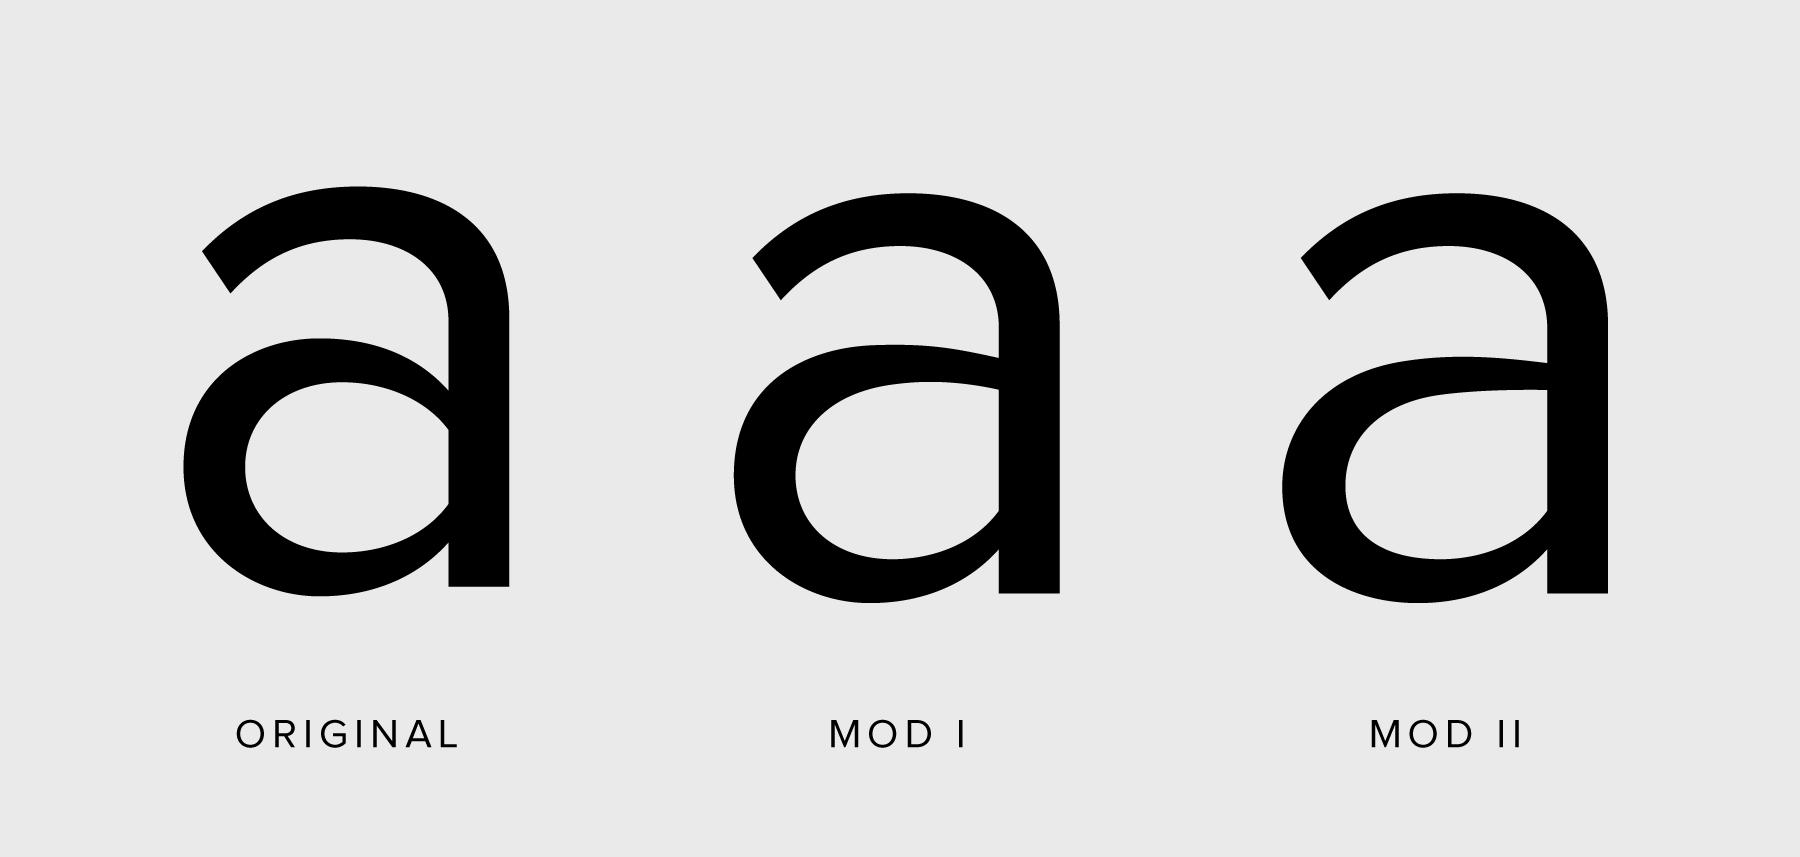 传奇三十年!经典英文字体Proxima Nova的视觉简史